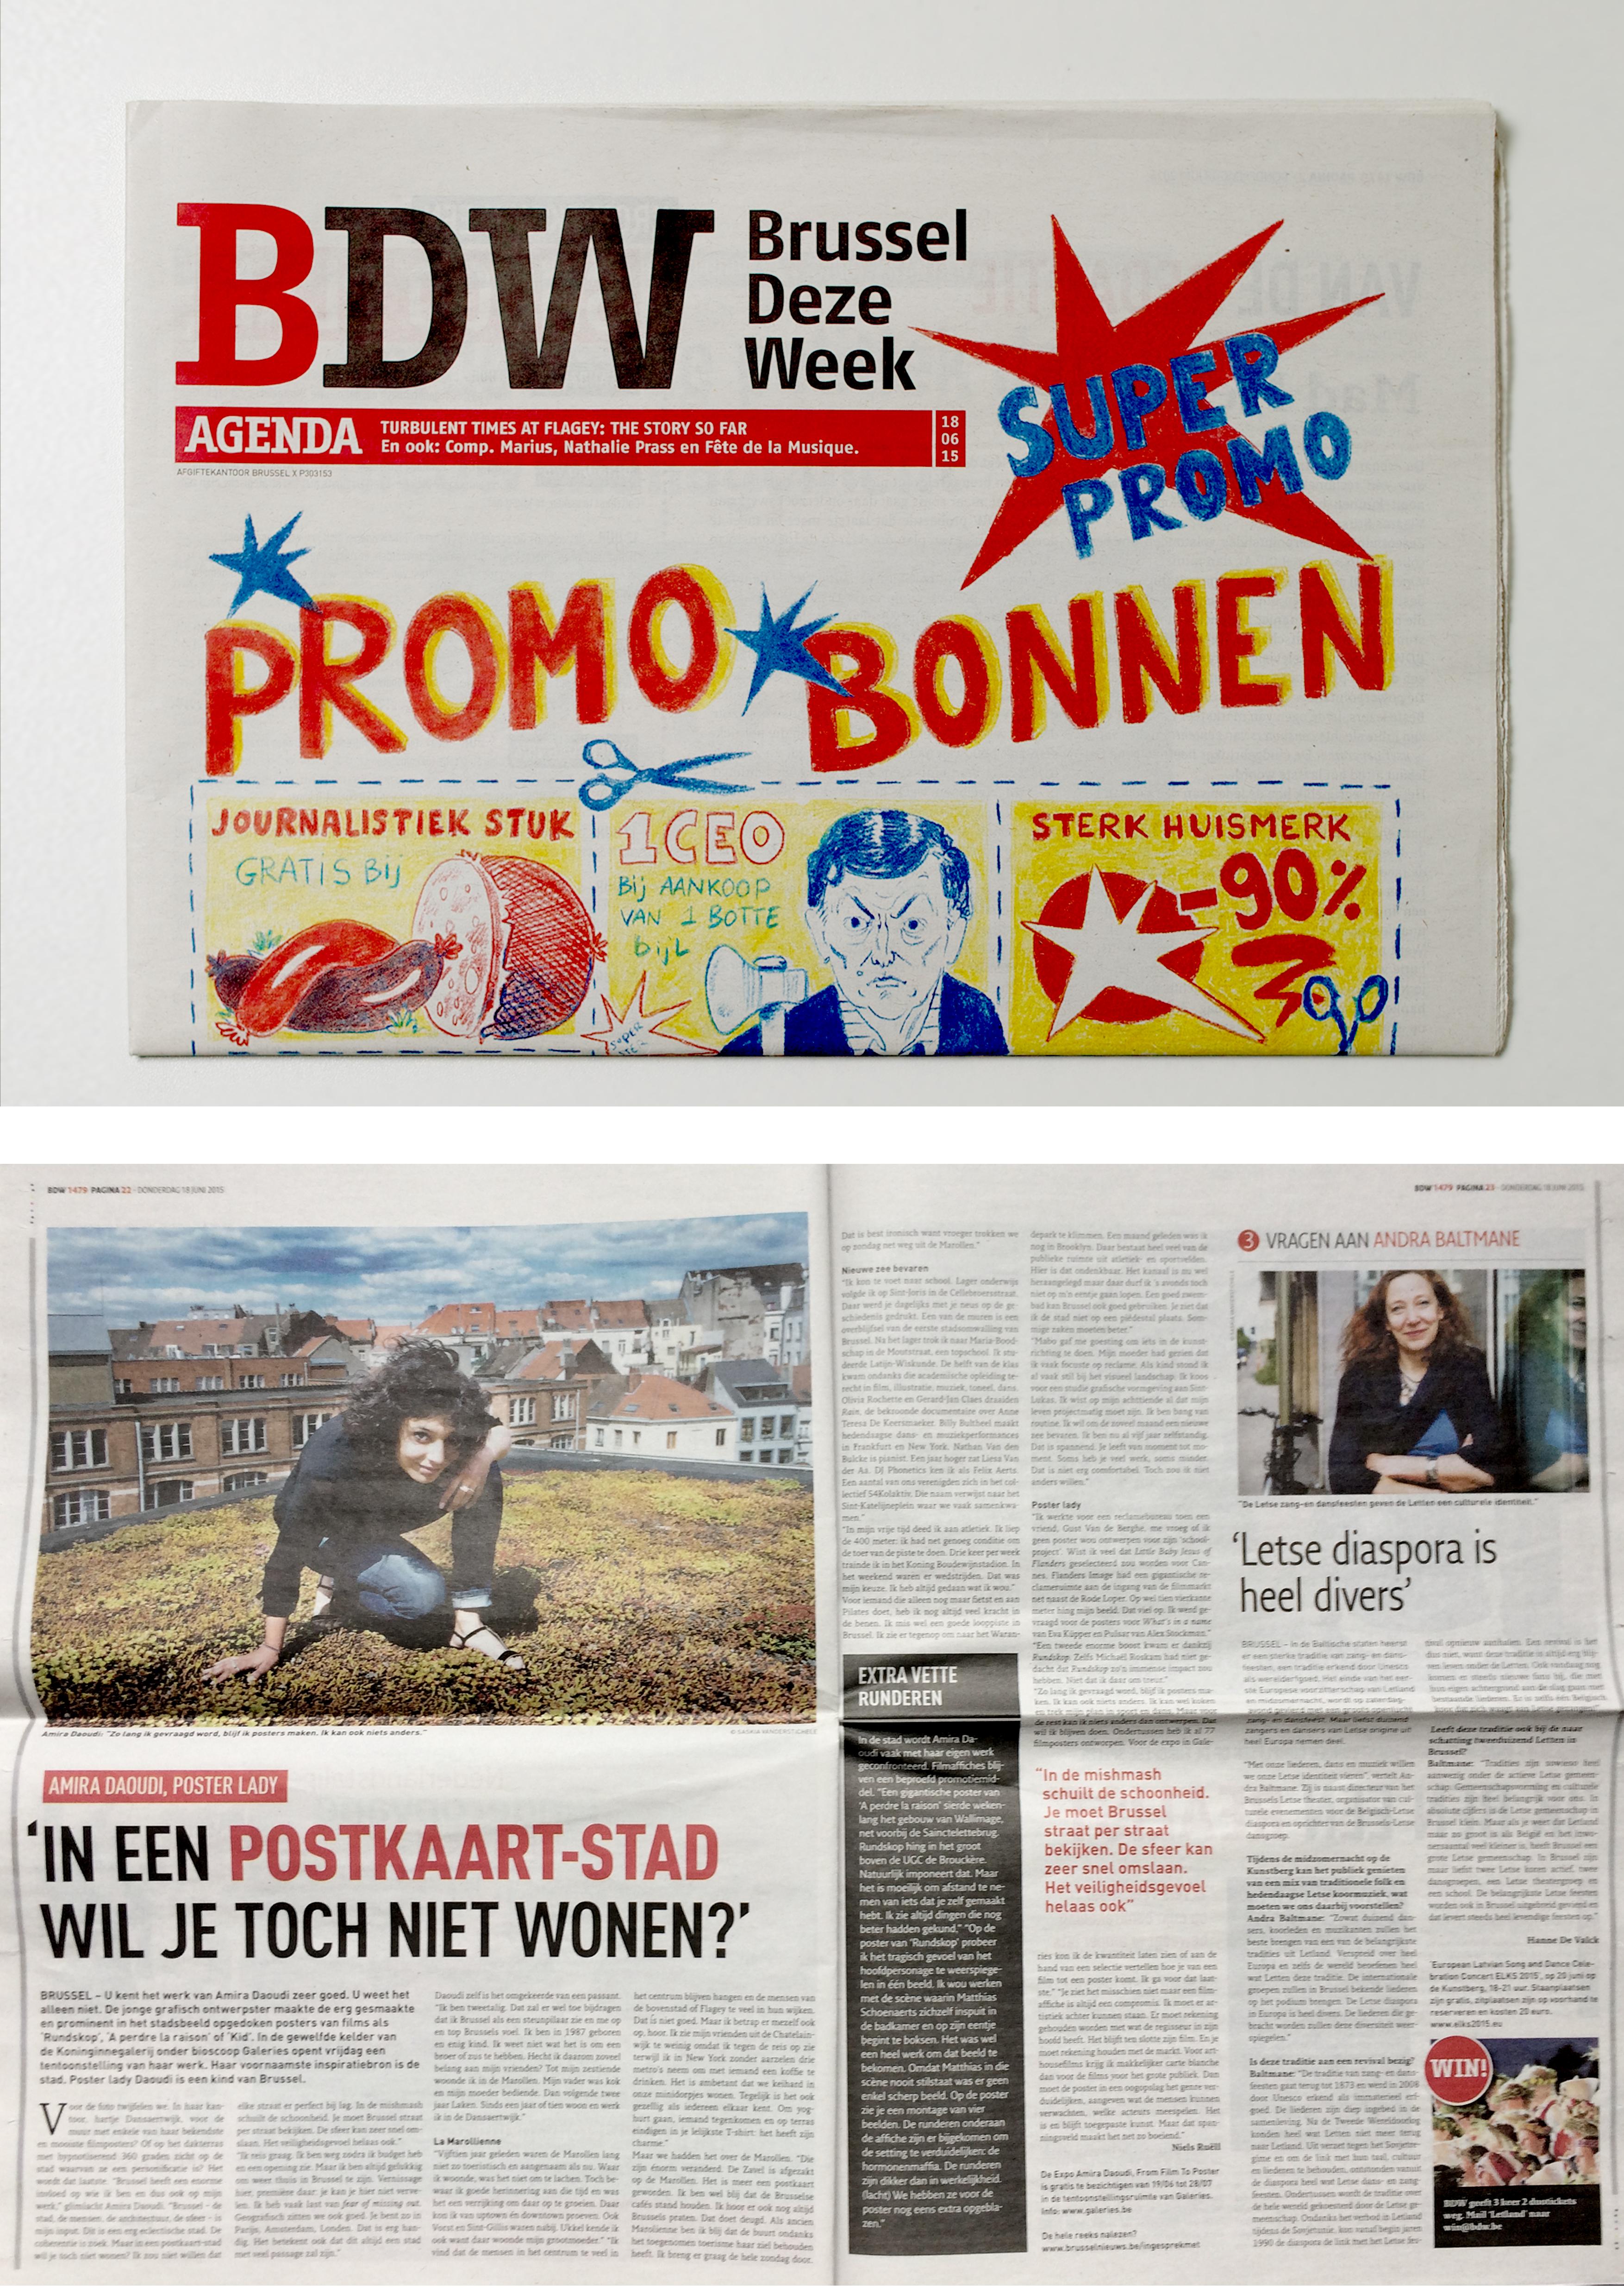 Brussel Deze Week (18 juni 2013)